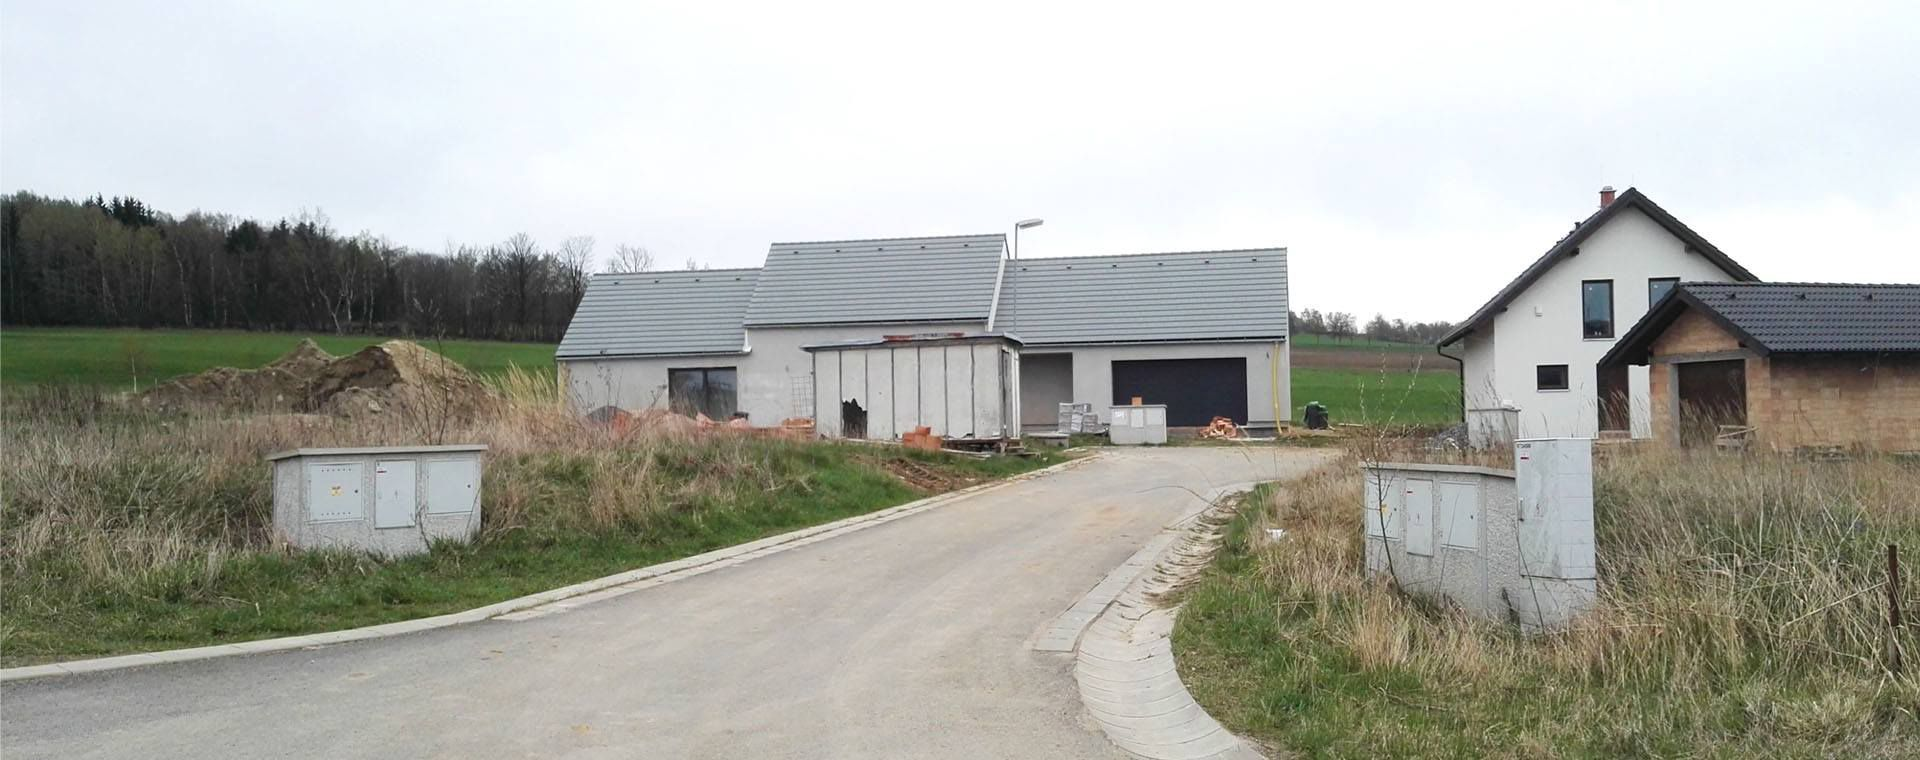 Family house in Pocitky, realization, Počítky, Vysocina region, 2014